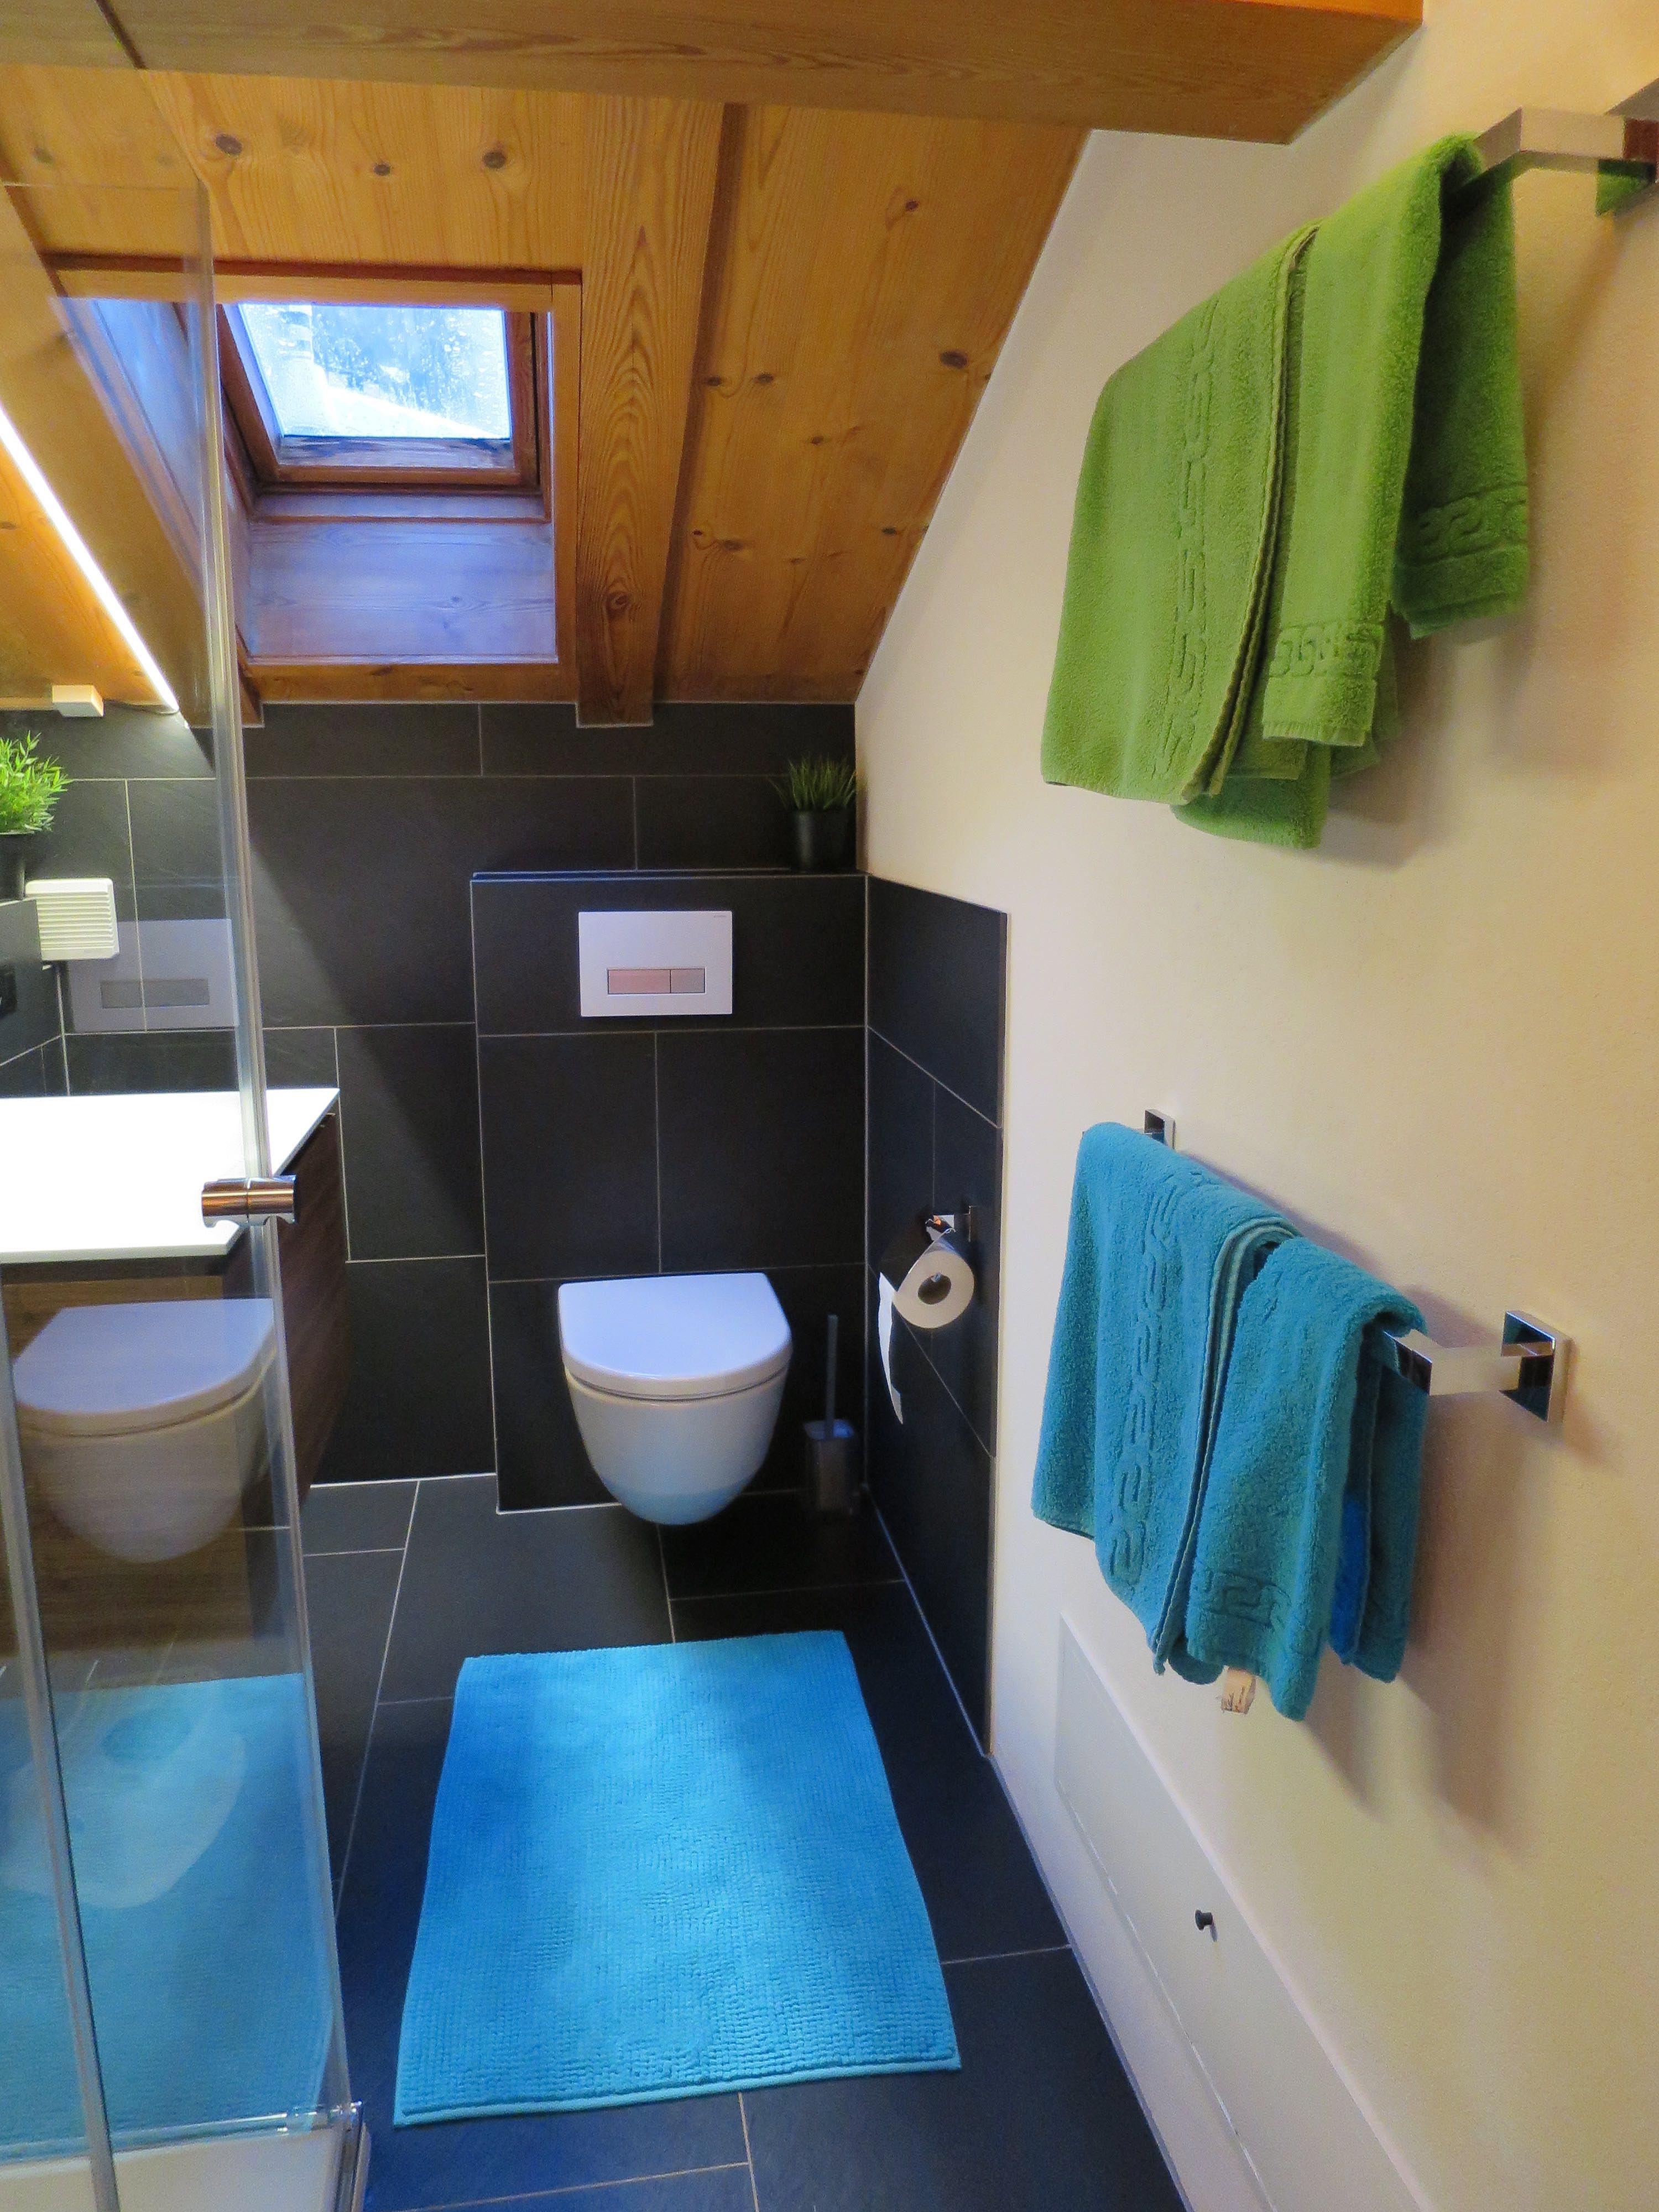 casaseraina | badezimmer klein, Badezimmer